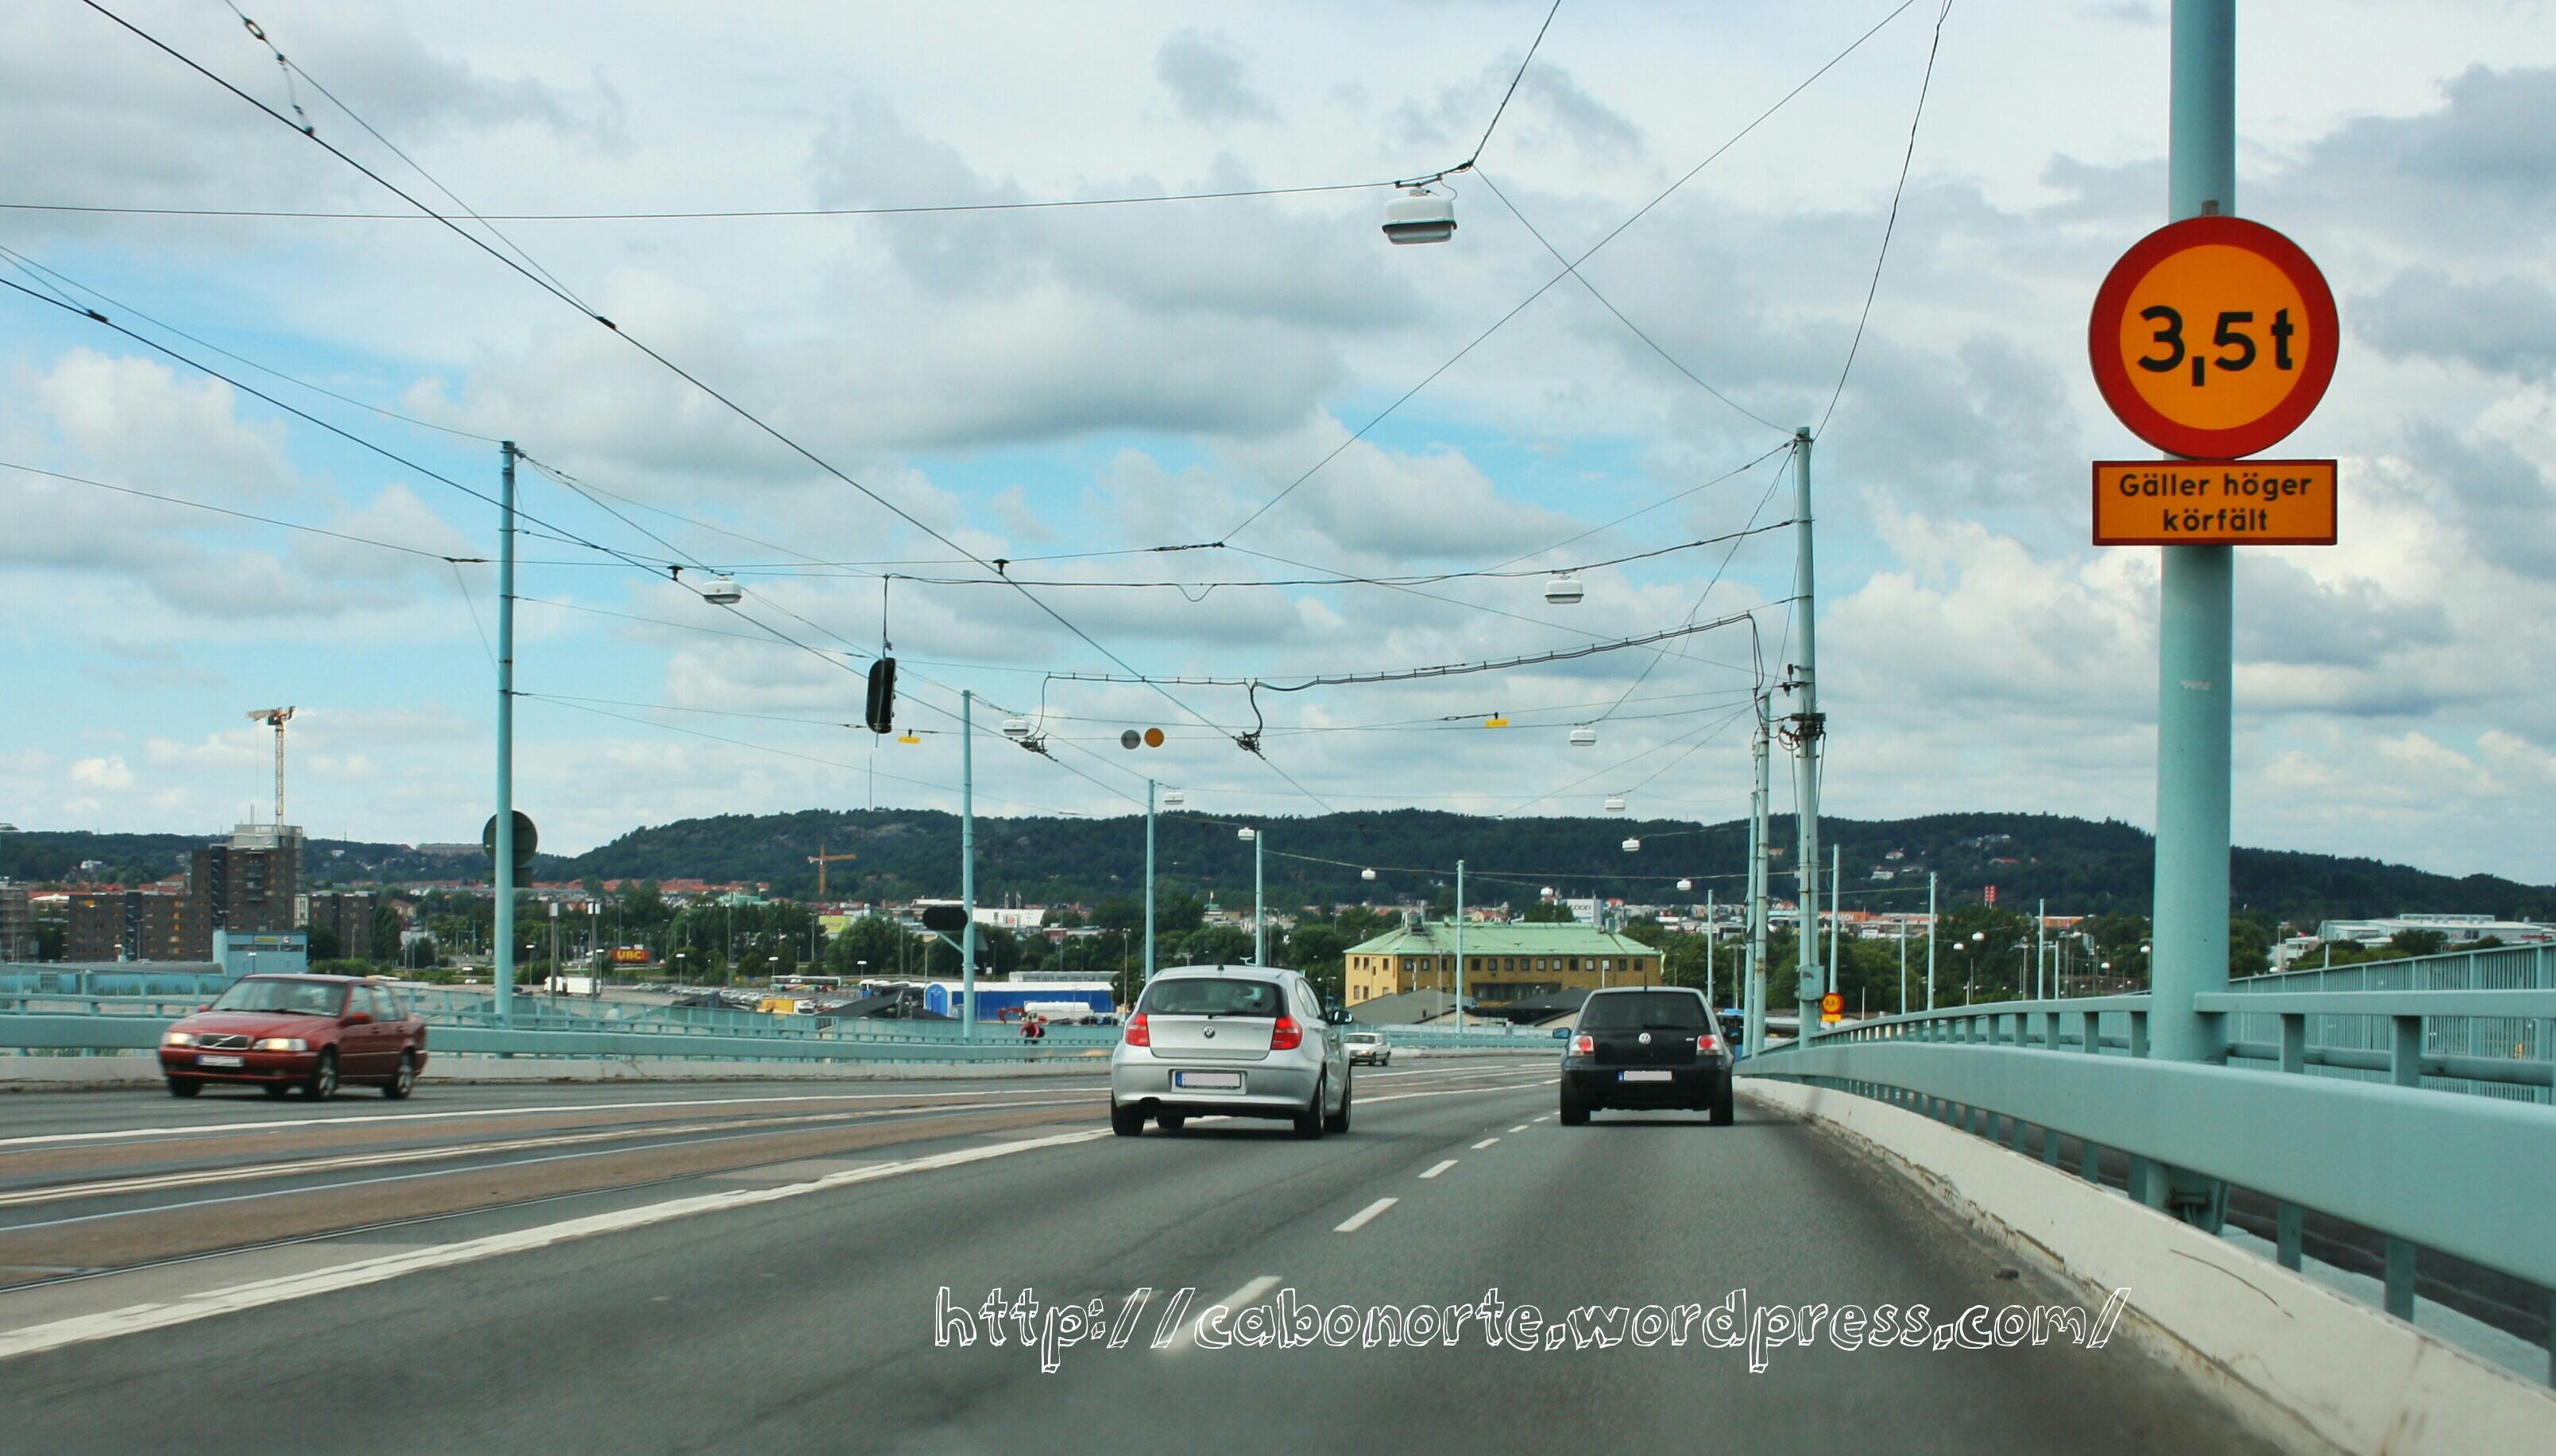 Atravesando un puente abrible en Gotemburgo, Suecia, julio 2011